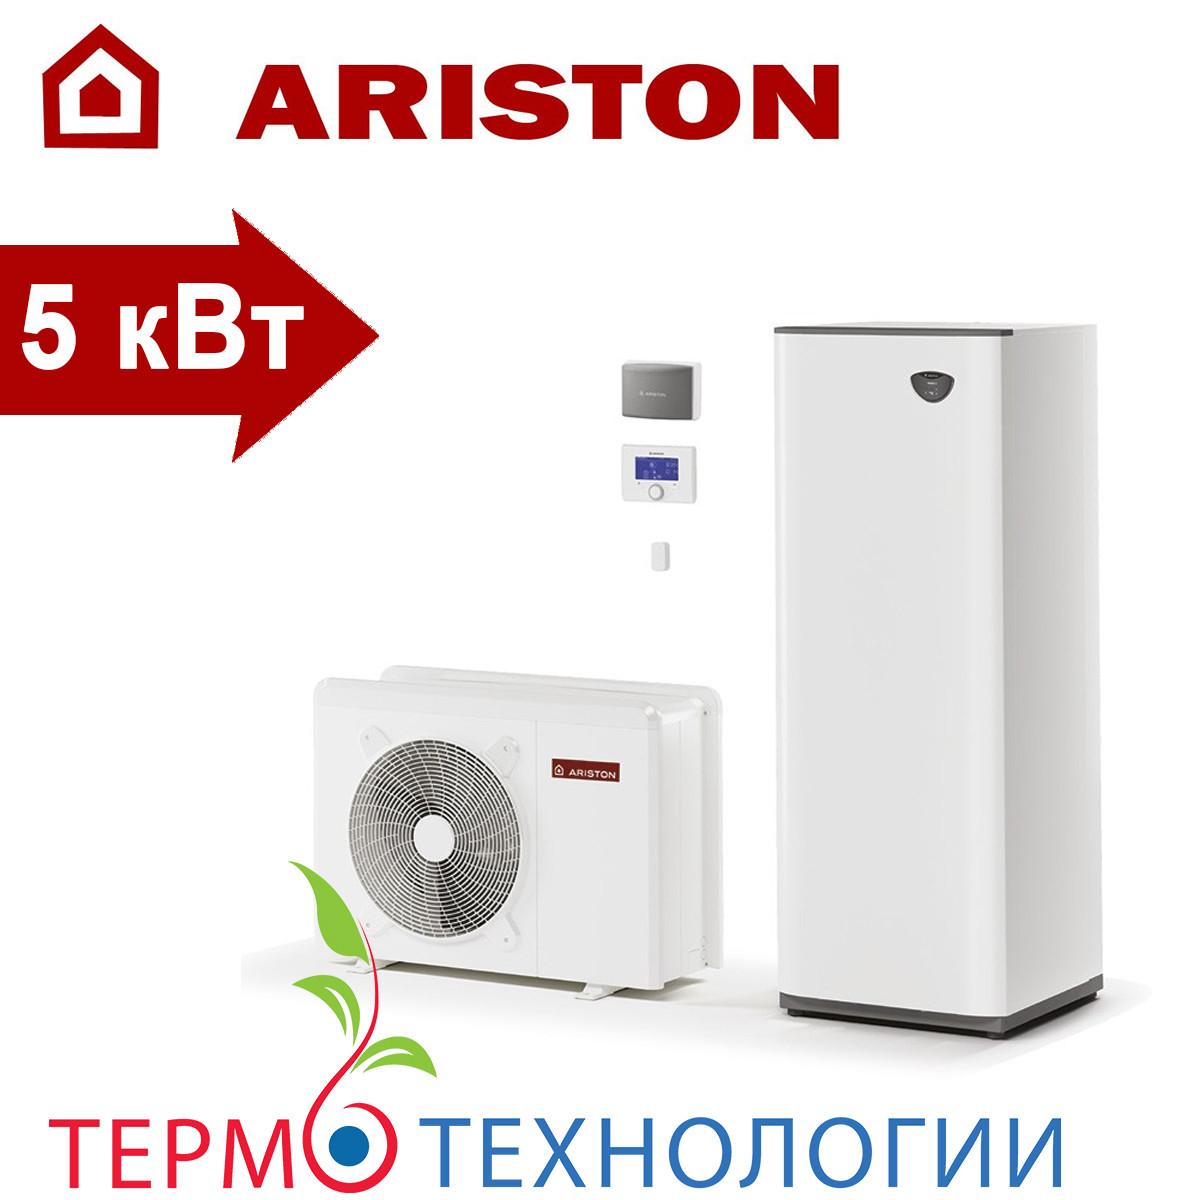 Тепловой насос воздух-вода Ariston compact 5 кВт + гидравлический модуль и бак на 180 л